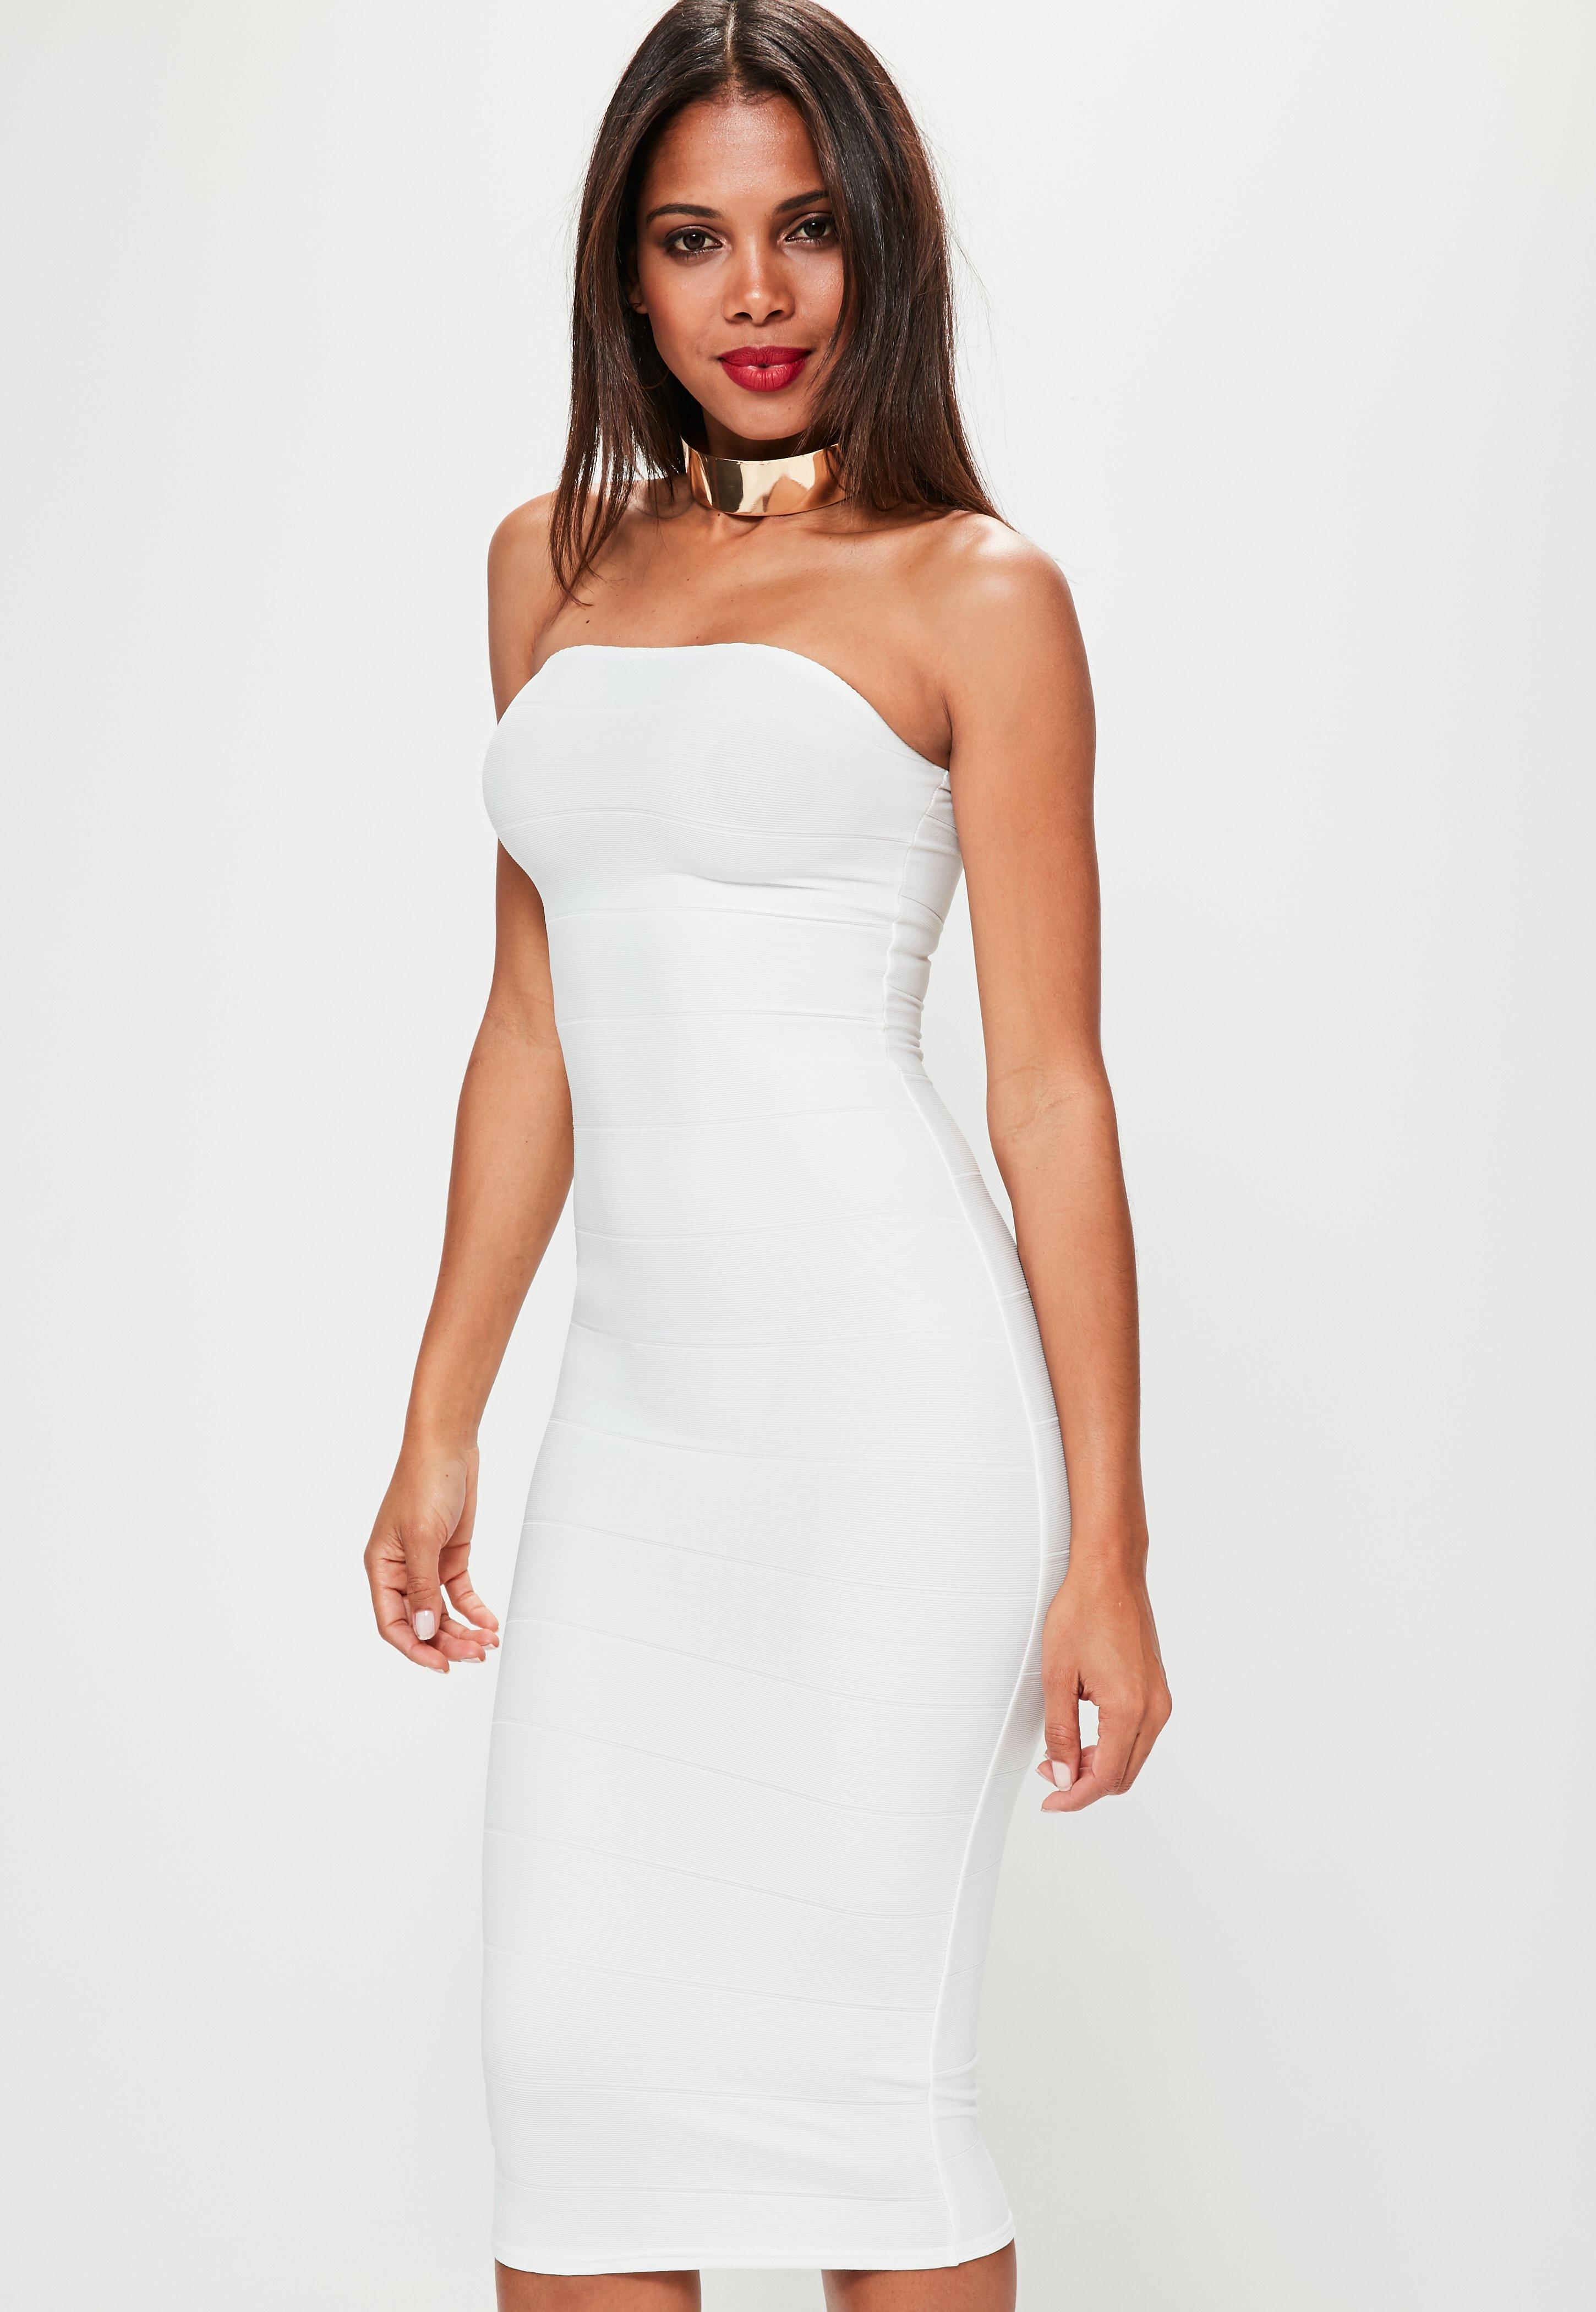 White Strapless Bodycon Dress